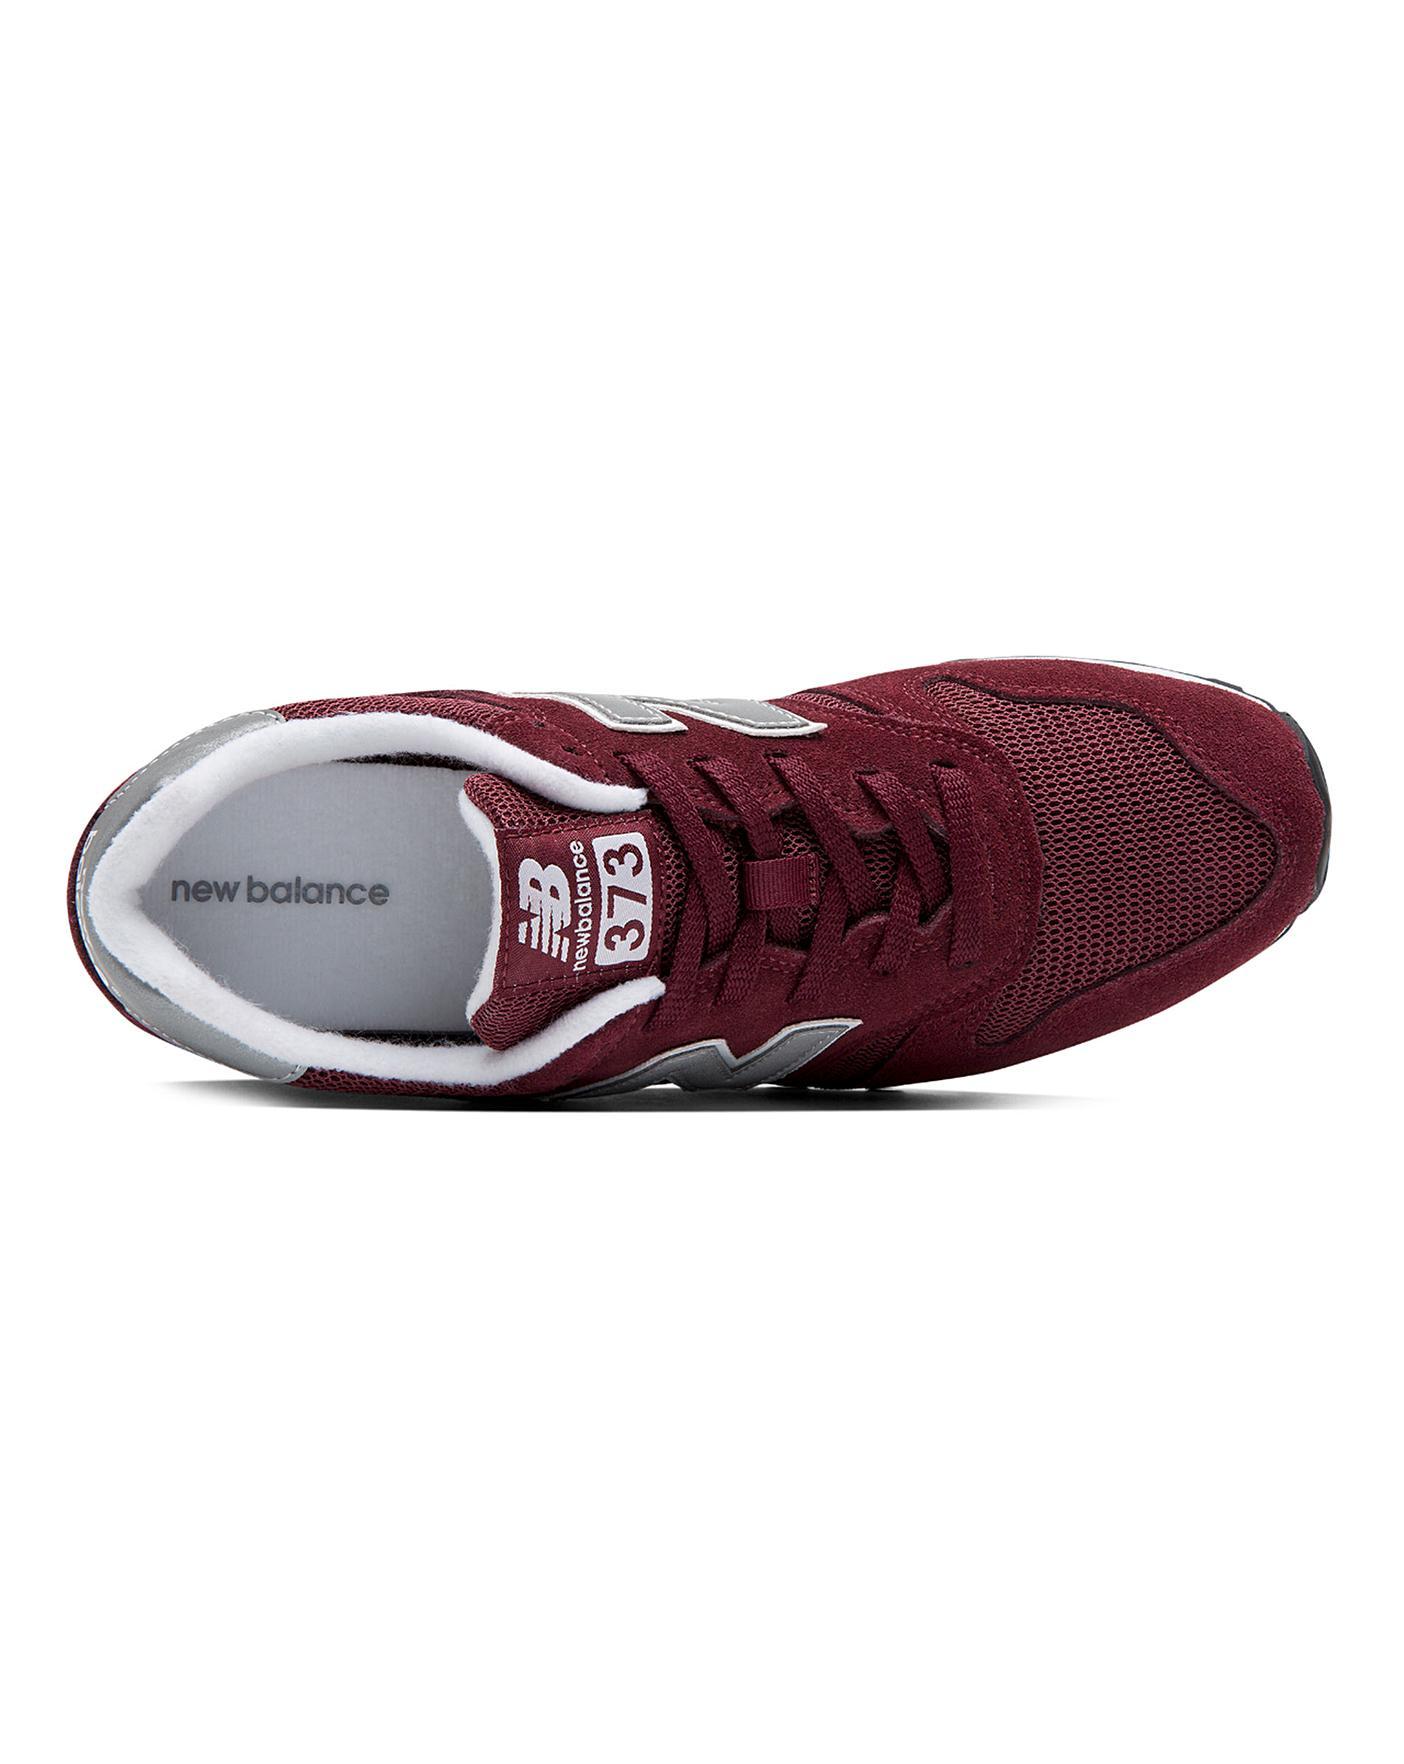 sélection premium 78b55 a78df New Balance 373 Trainers